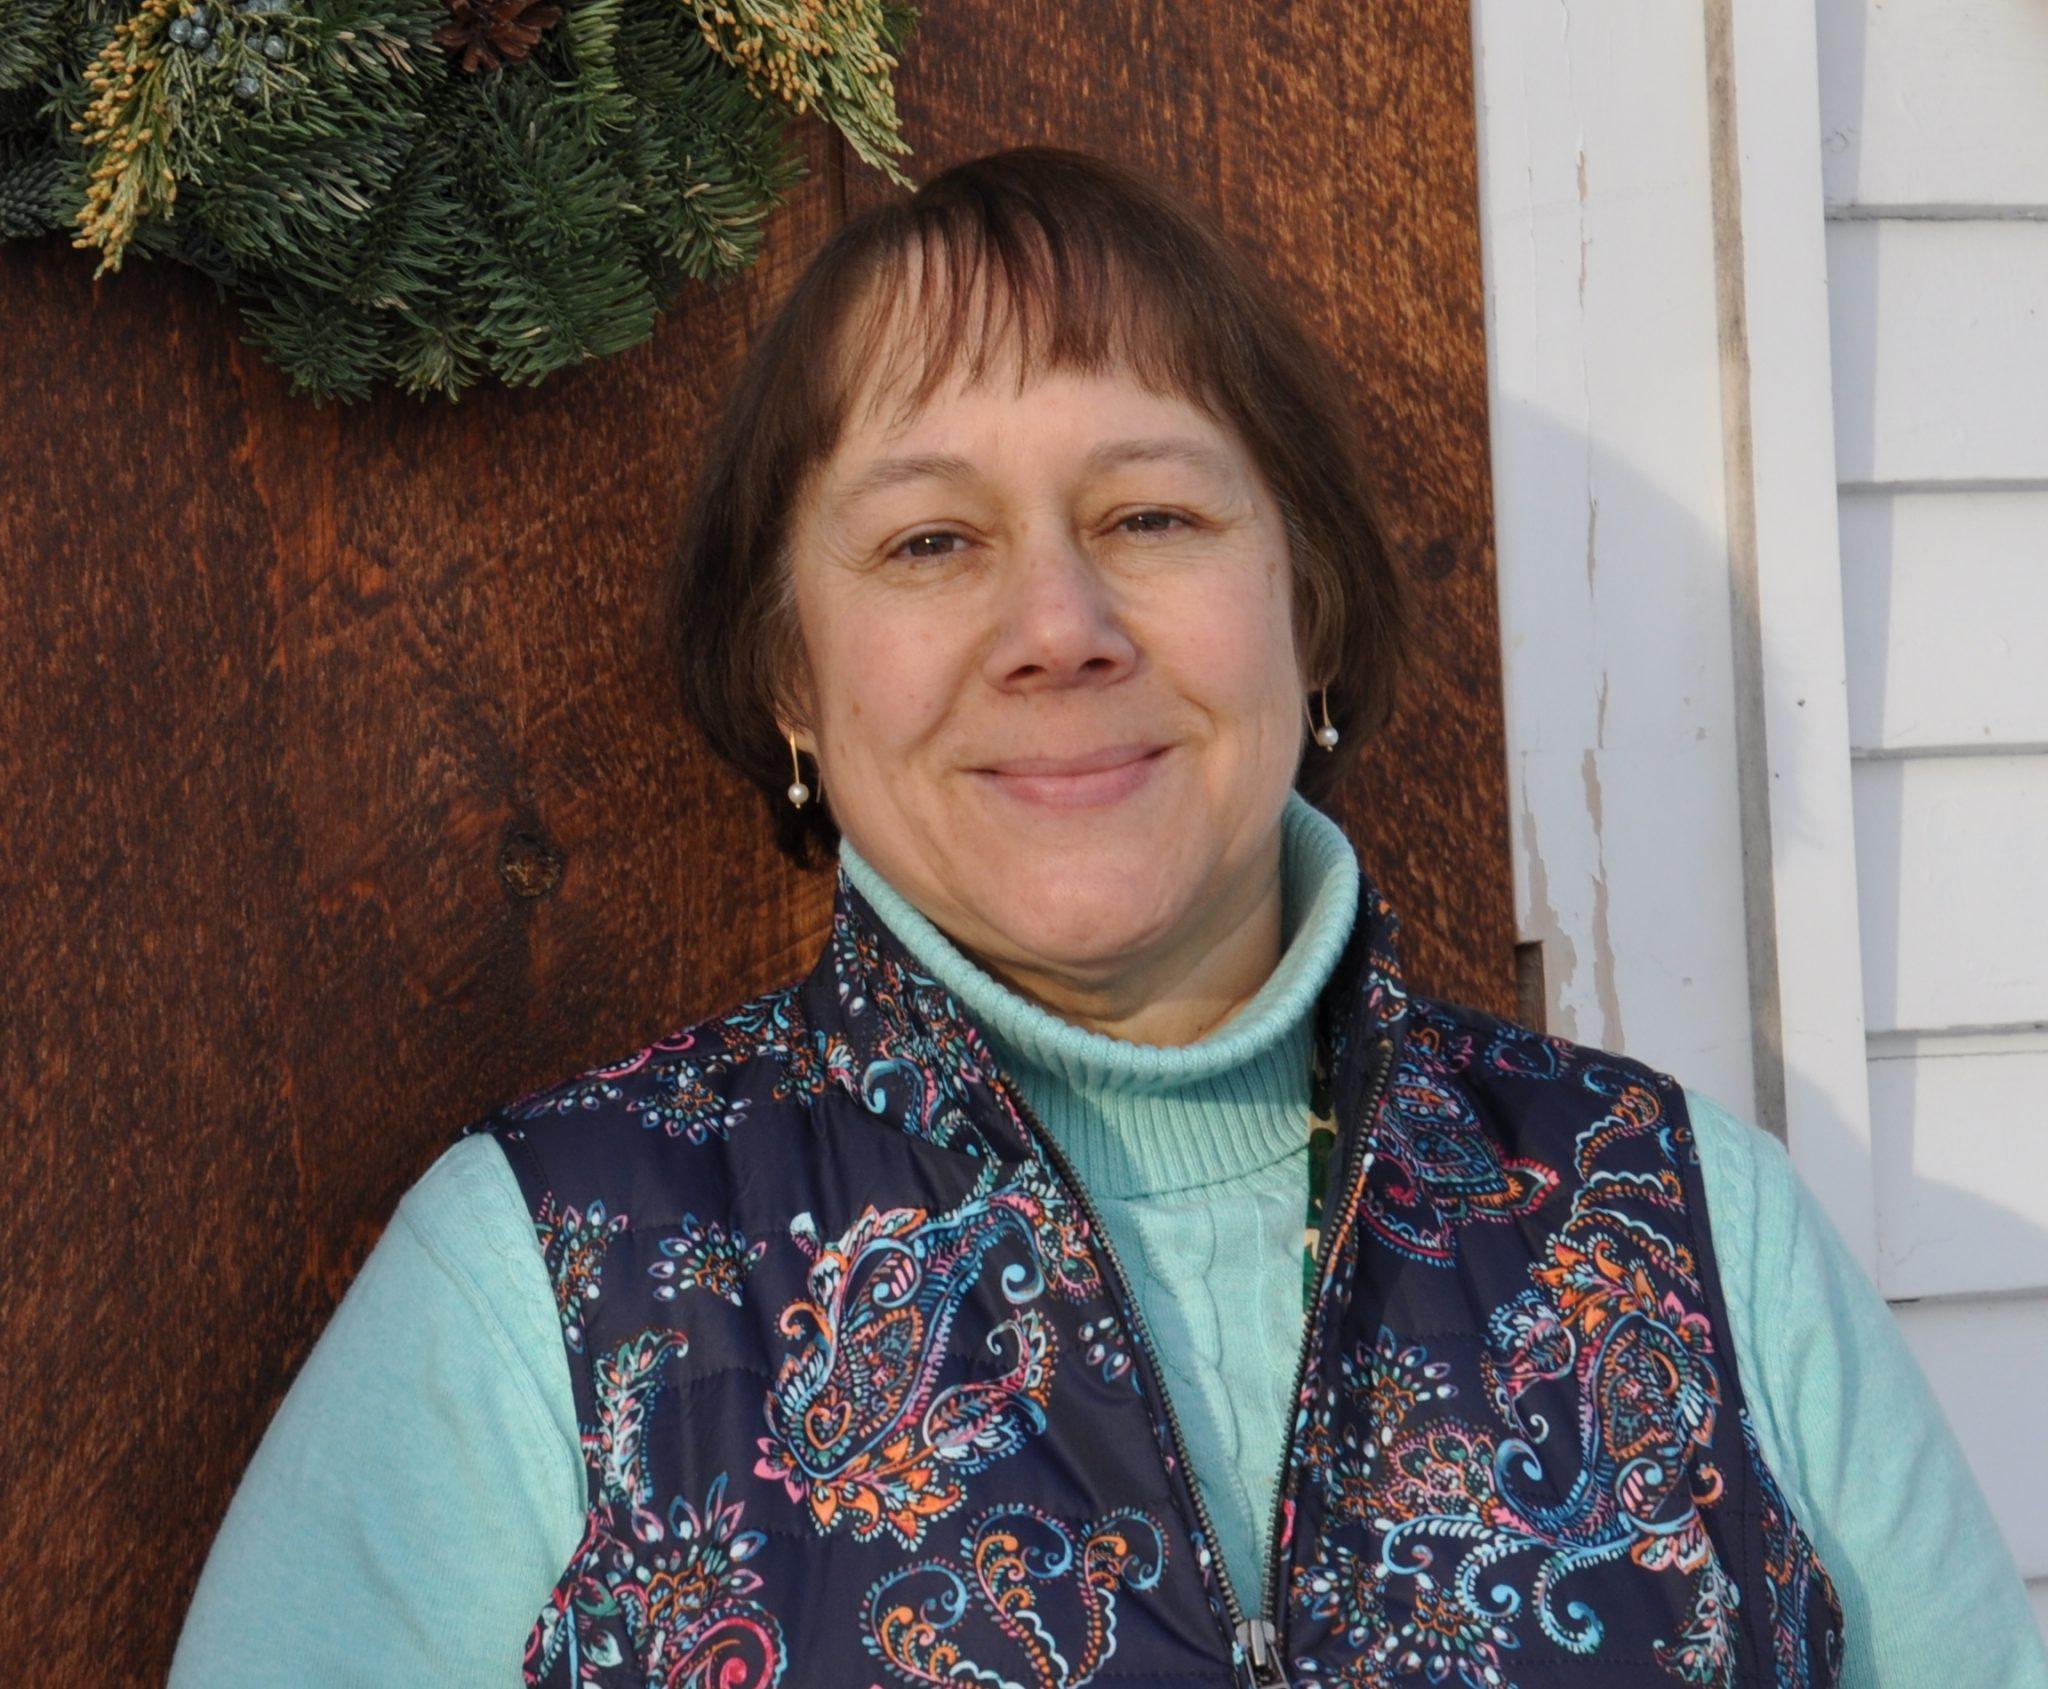 Julie Renaud Evans